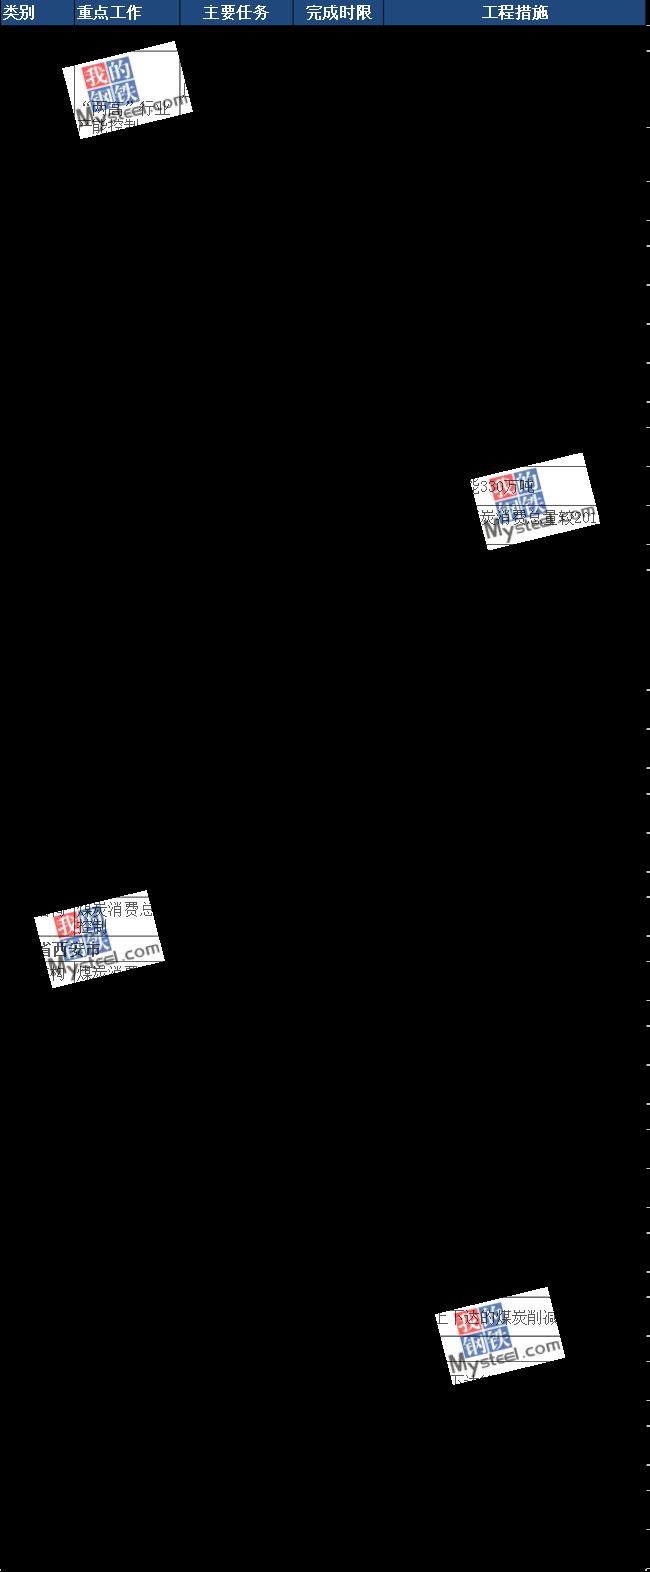 汾渭平原秋冬季大气治理方案:煤